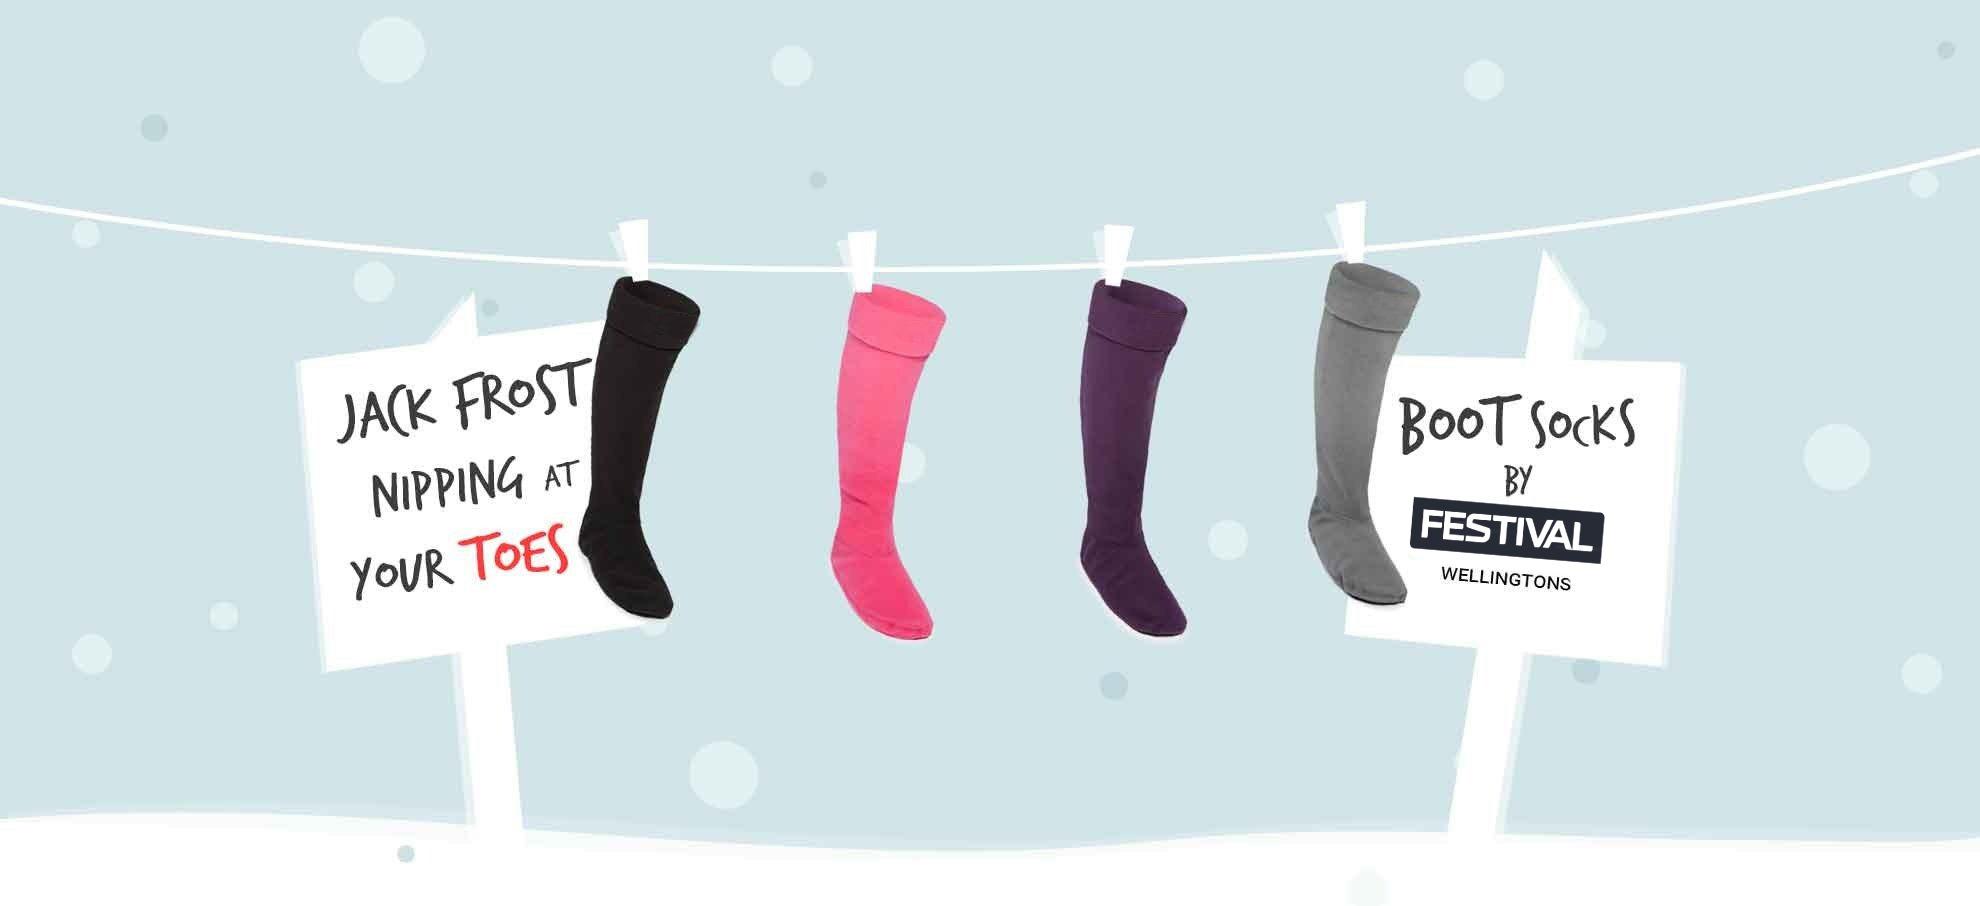 Boot Socks by Festival